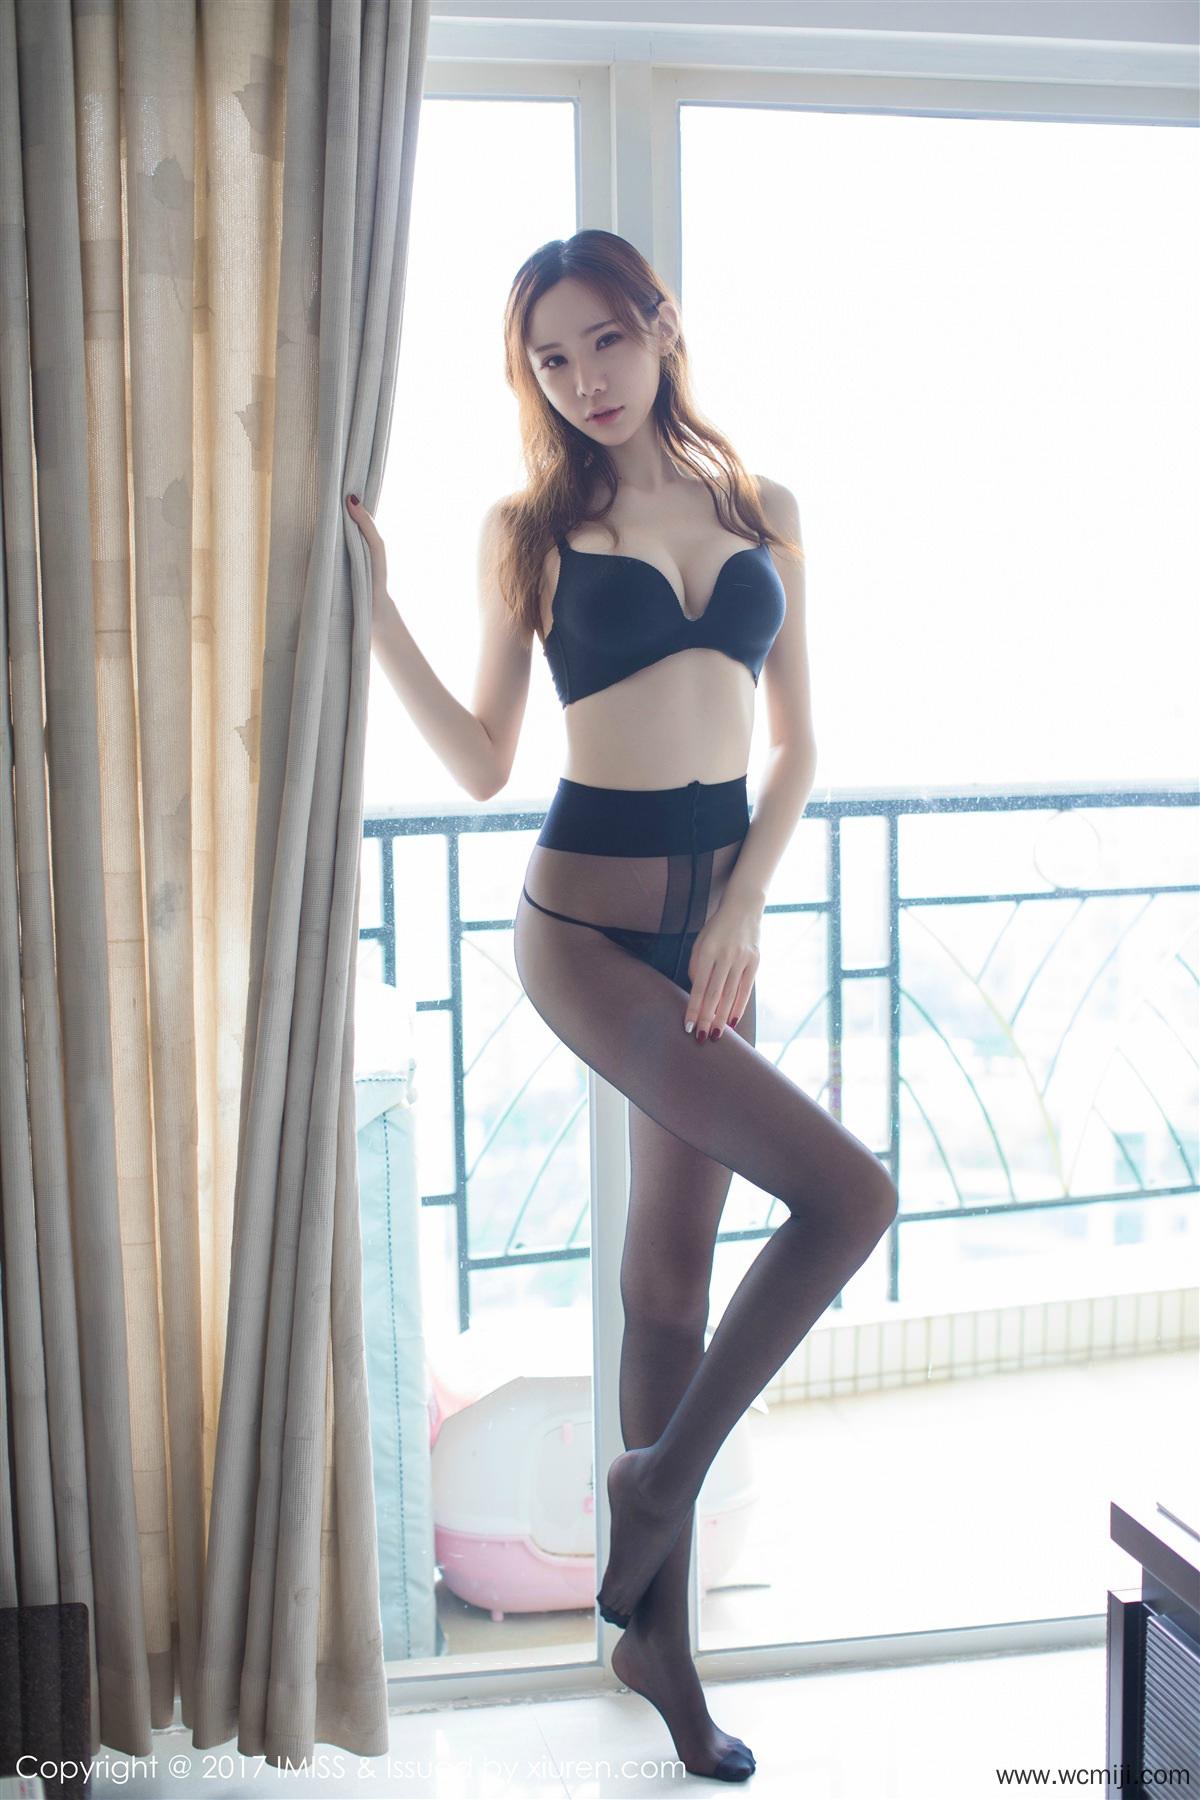 【高清写真】【姐妹】劲爆人体写真姐妹花大尺度私拍【25P】 X丝玉足